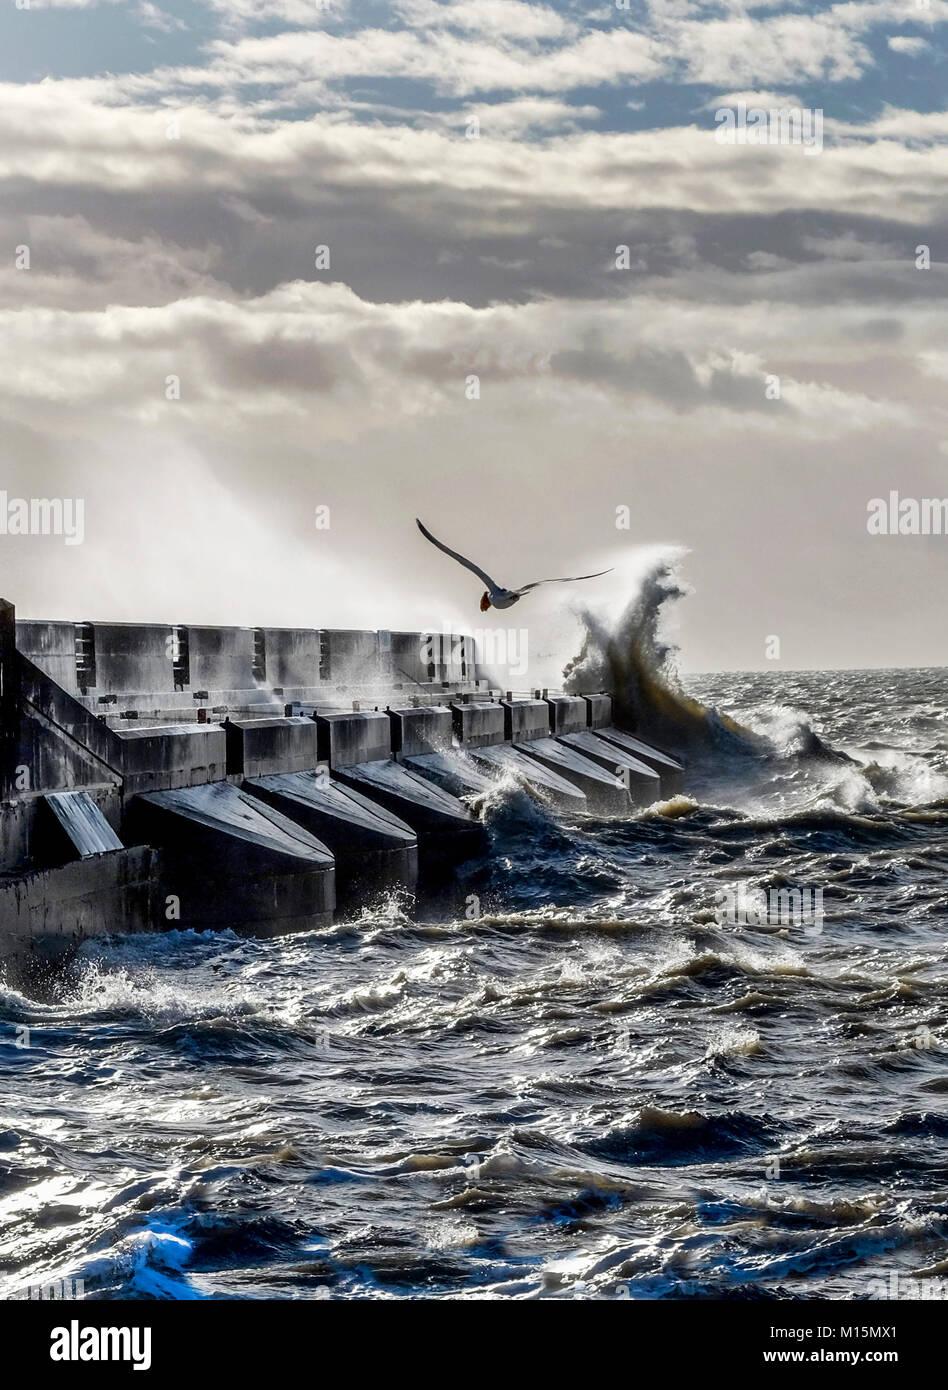 Drammatica mare tempestoso contro rottura brighton marina nero parete del porto, spray e le onde alte in aria, mare Immagini Stock